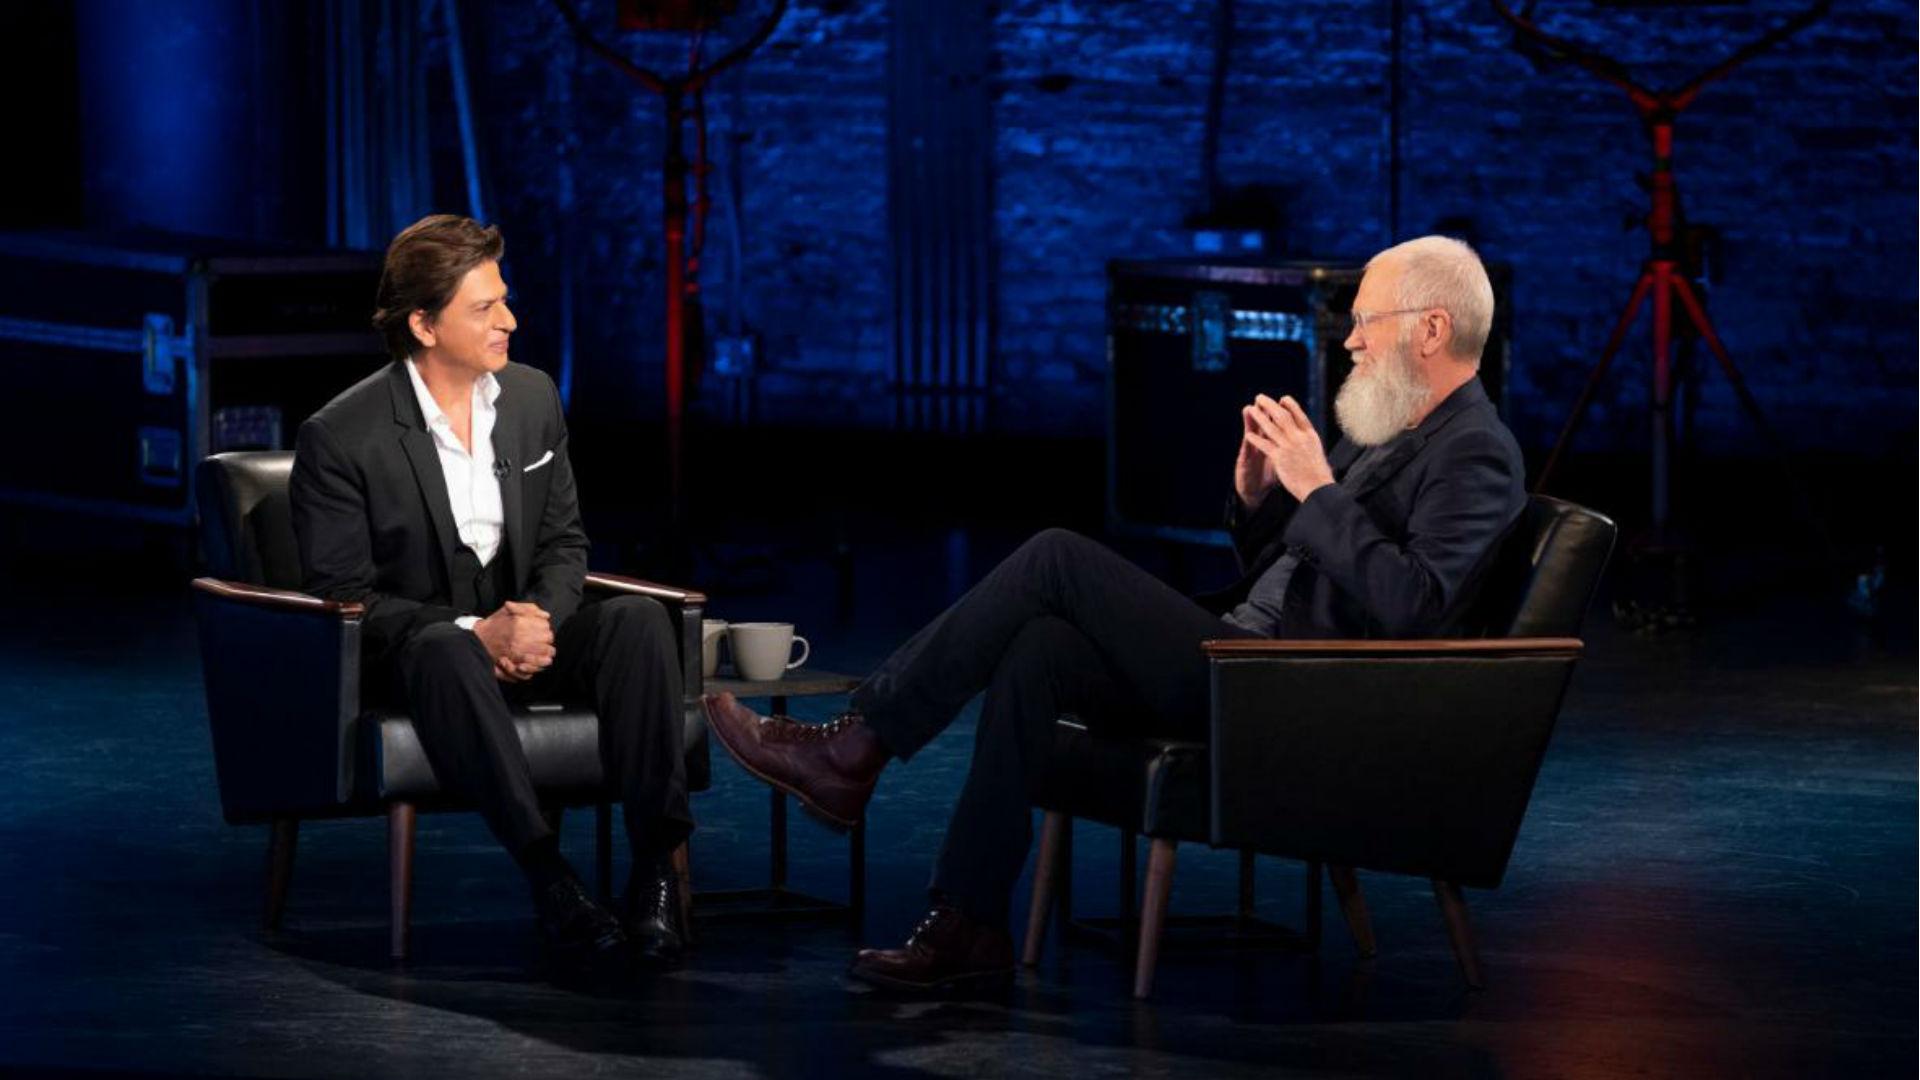 डेविड लेटरमैन के शो में पहुंचे शाहरुख खान, एक-दूसरे से मिलने पर दोनों दिग्गजों ने जताई ऐसे खुशी